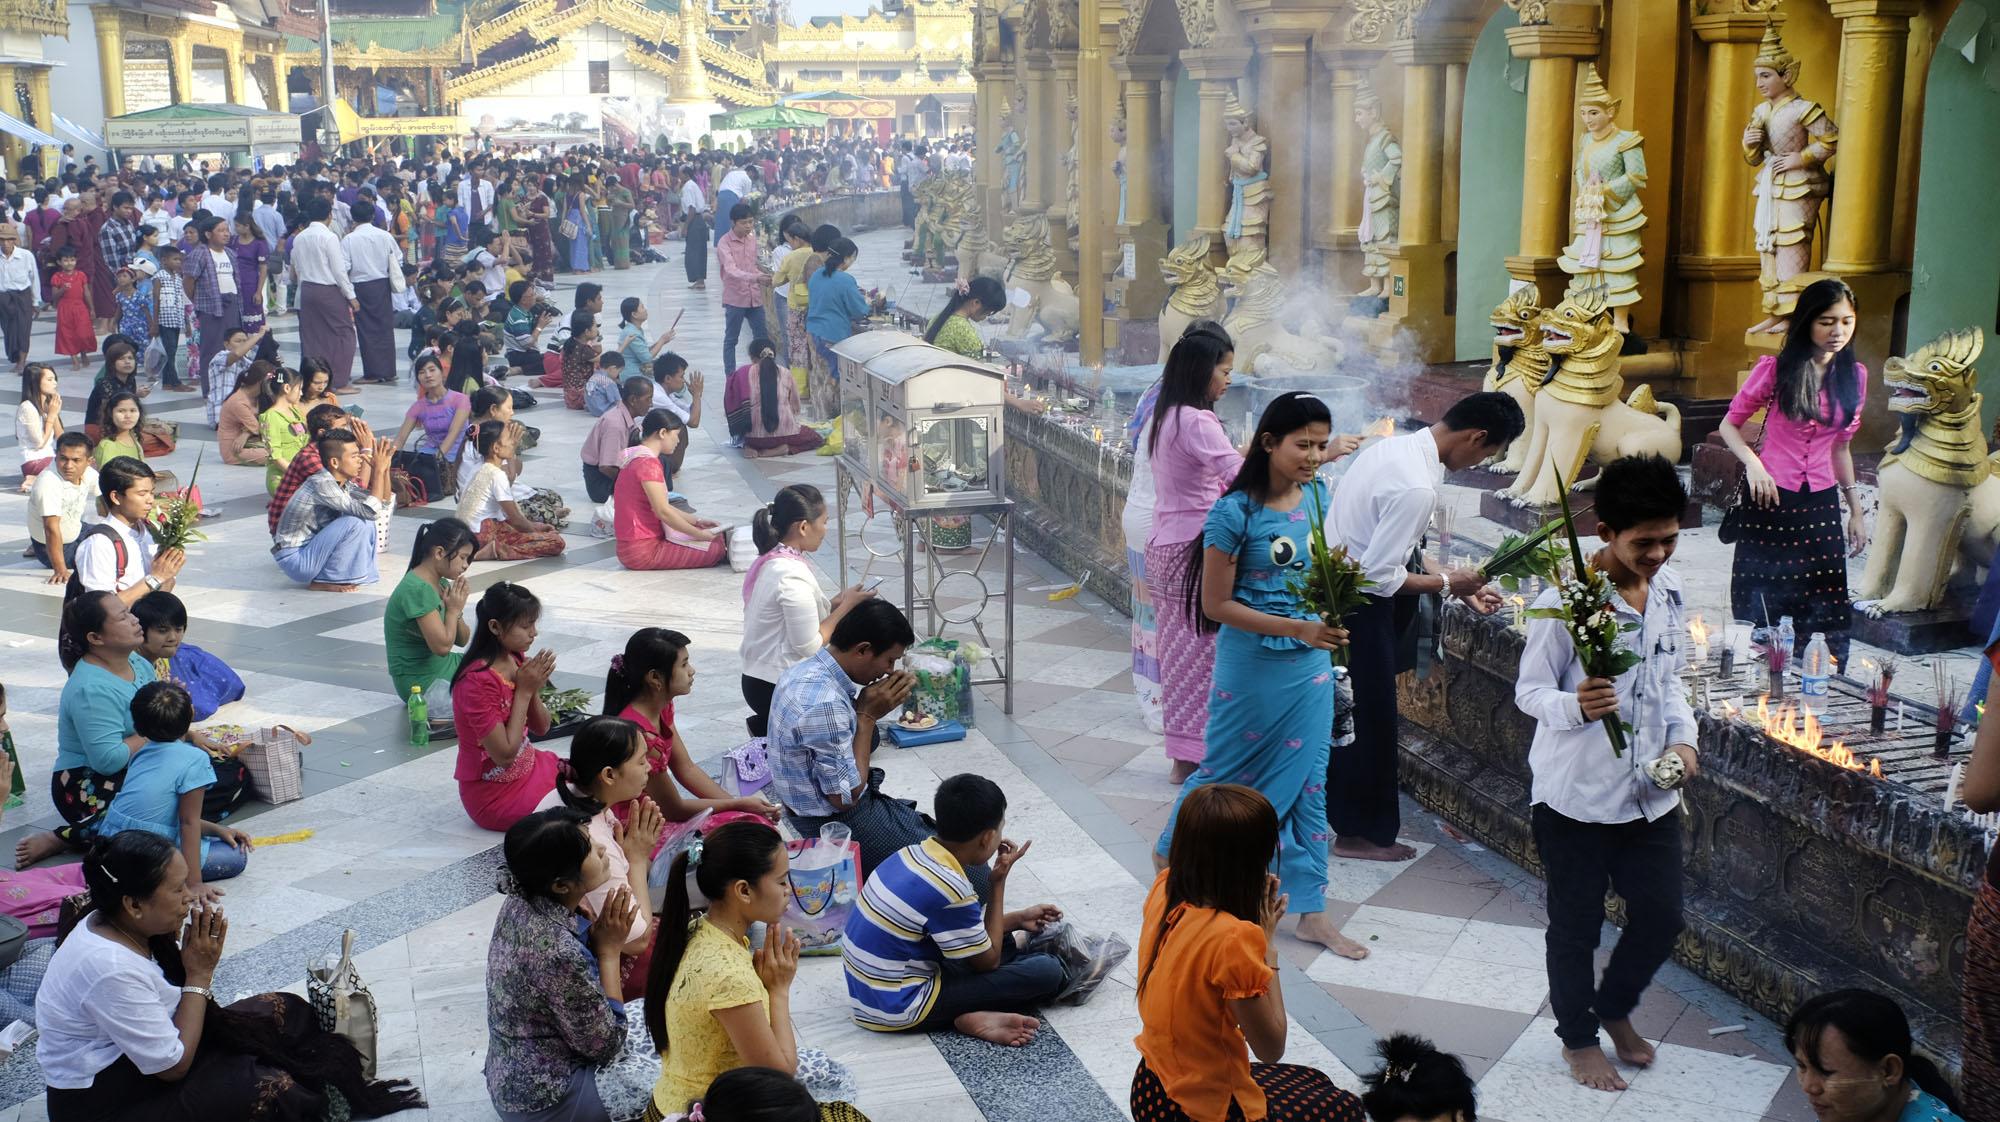 reise-ansichten Shwedagon Thadingyut